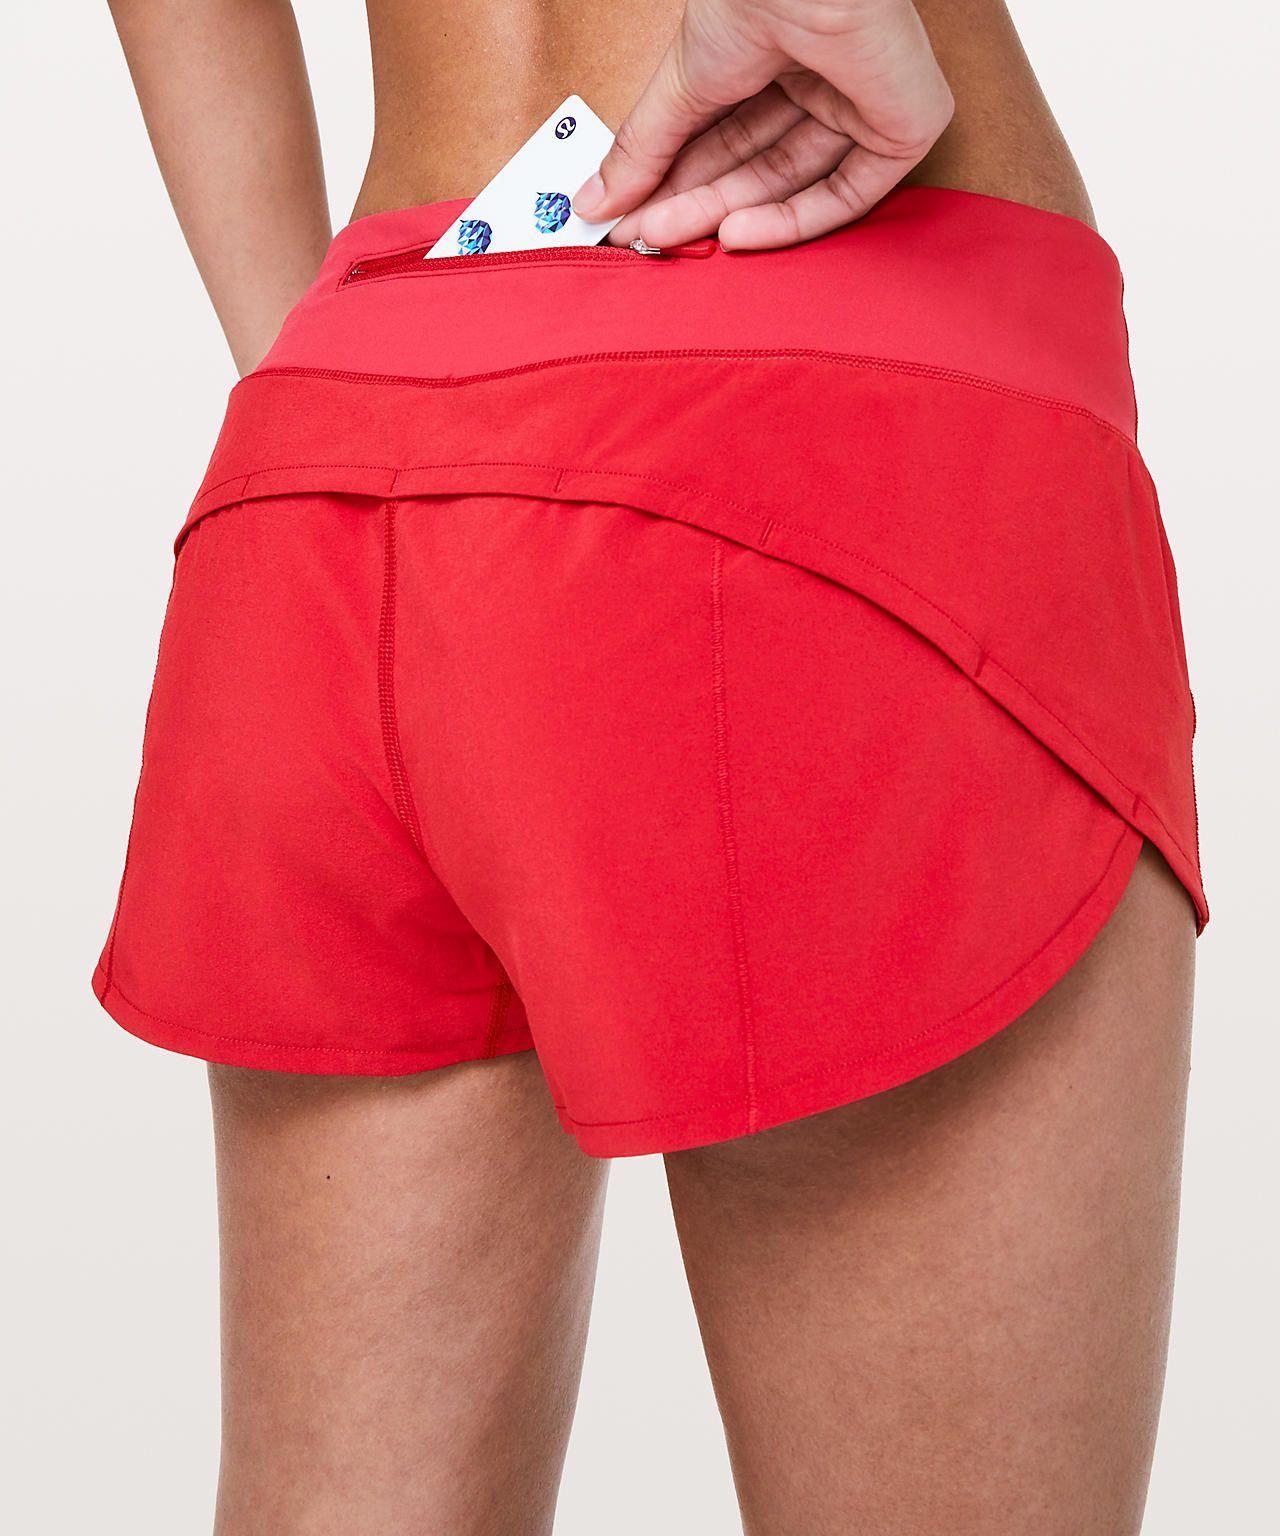 beae1d8bb0 Lululemon Speed Up Short *2.5 | wish list | Shorts, Lululemon shorts ...